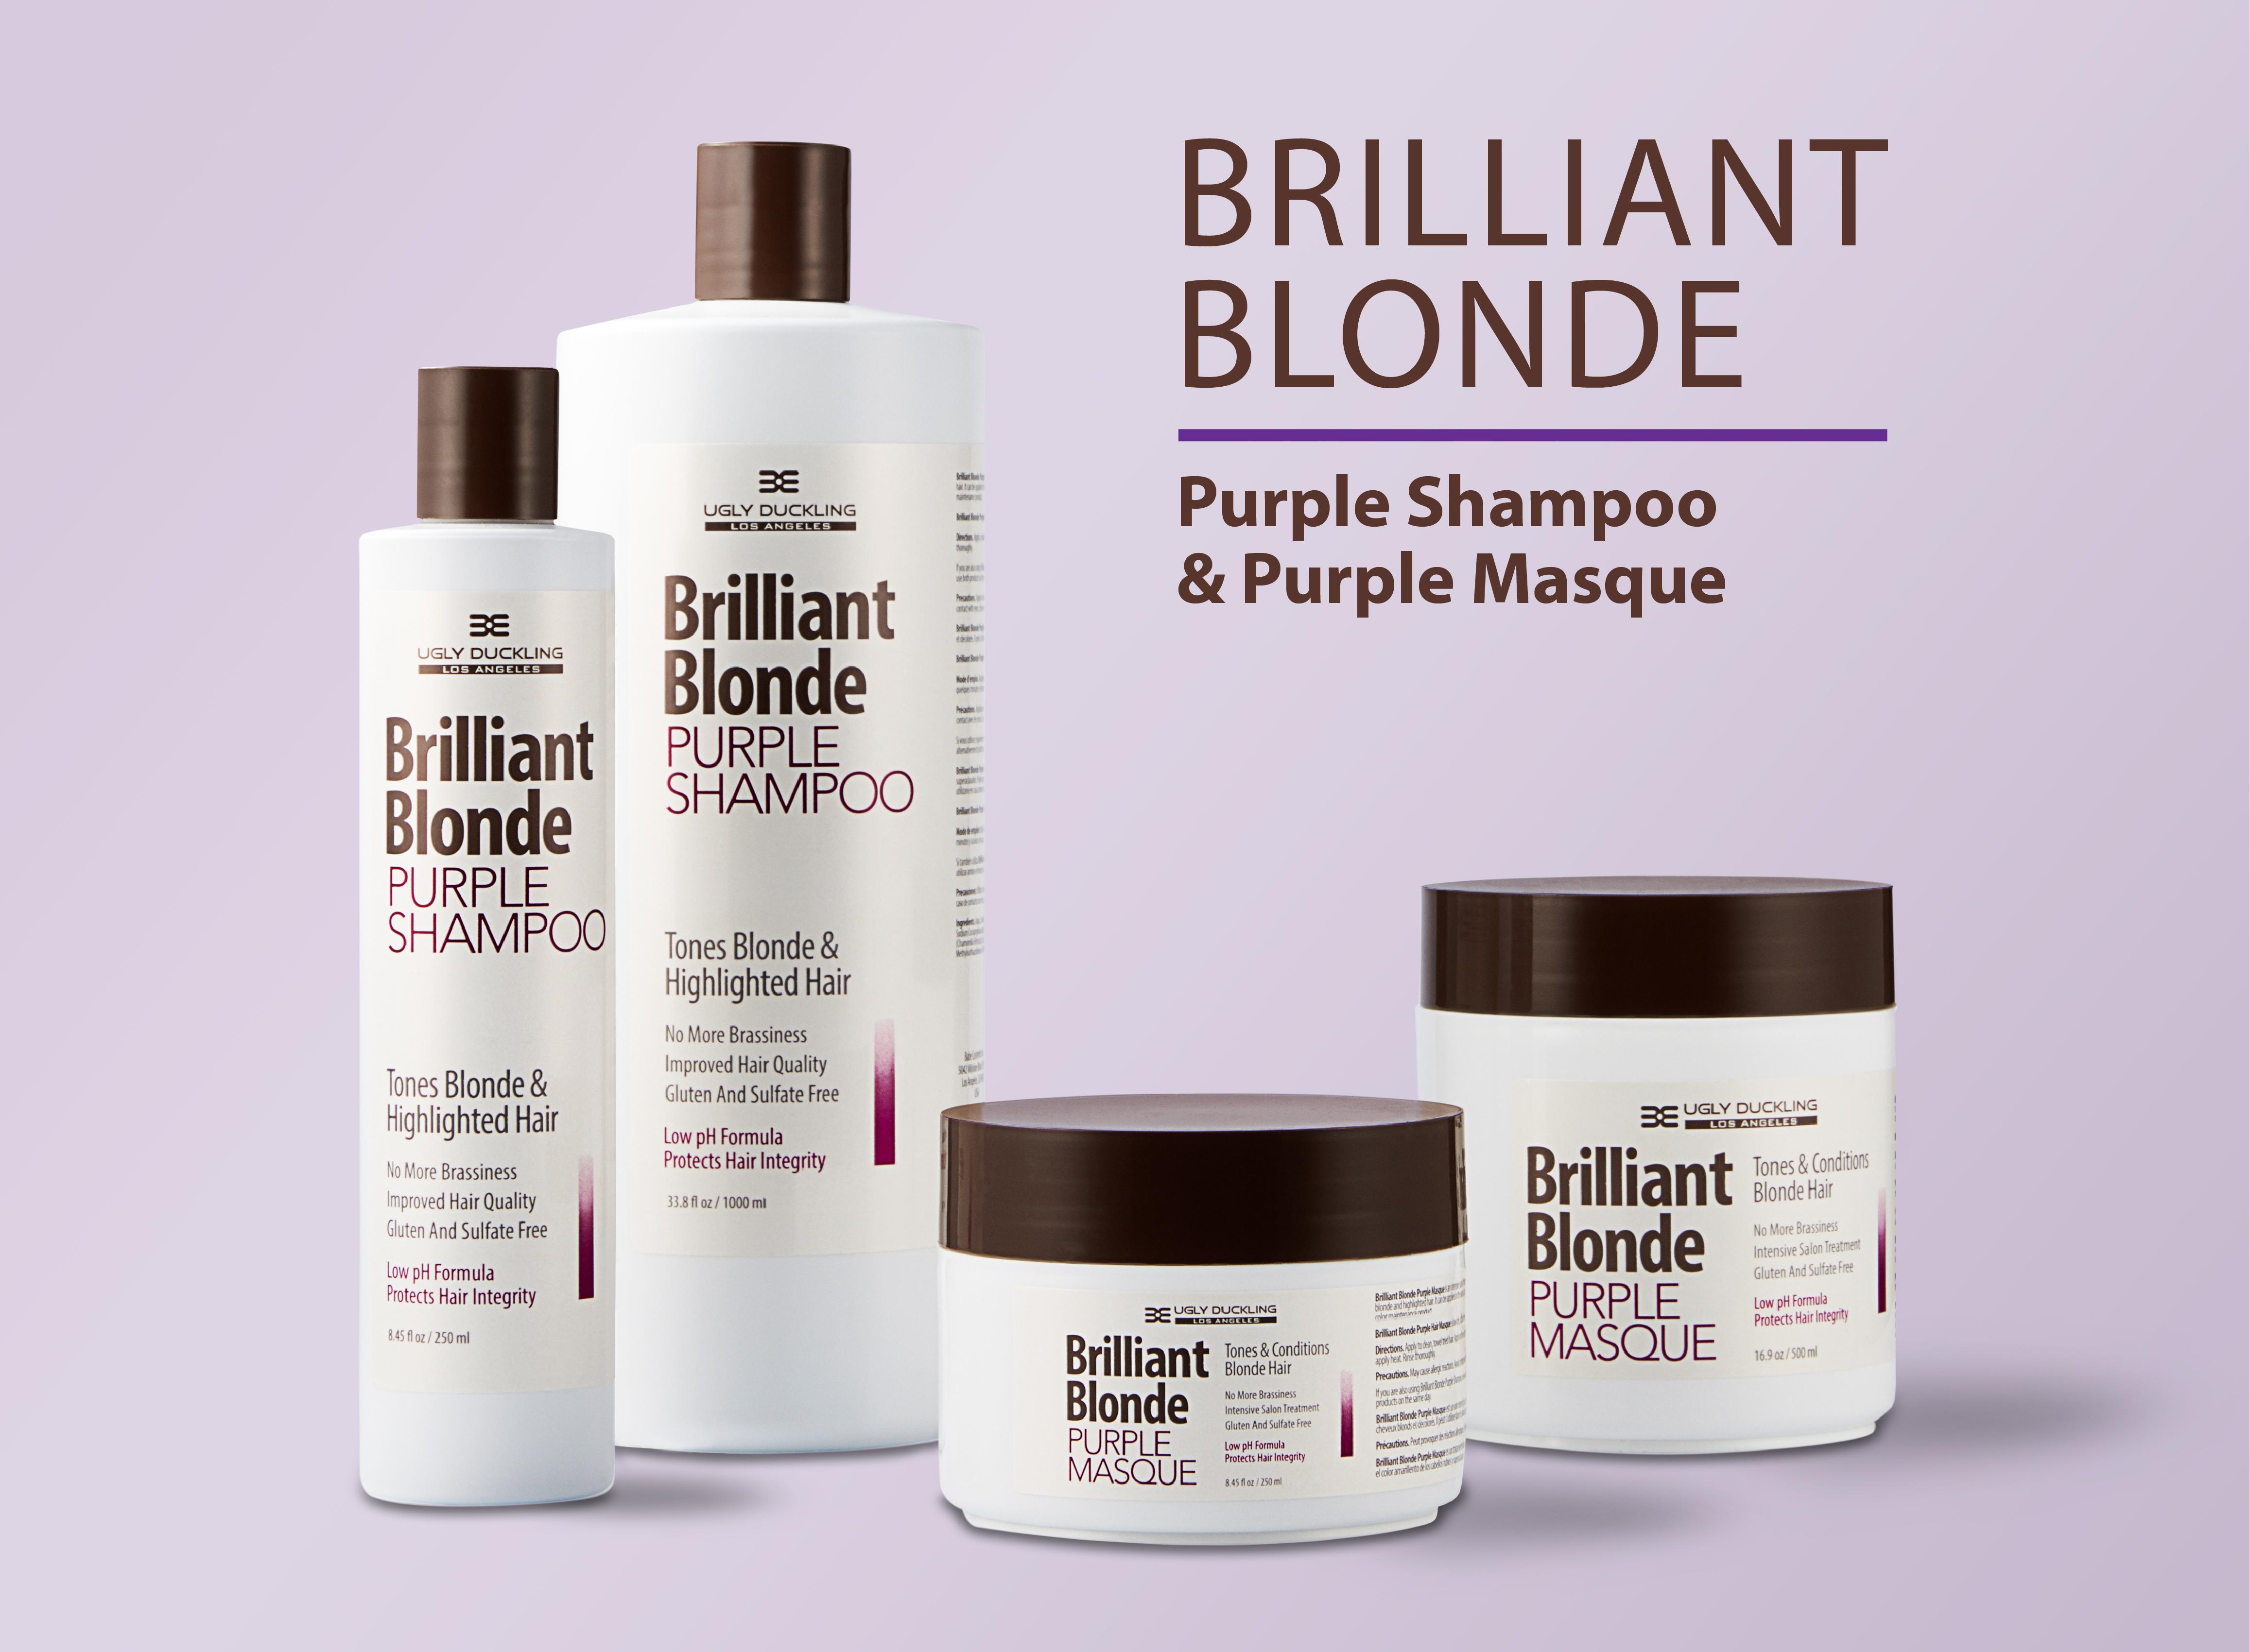 Purple Shampoo and Mask